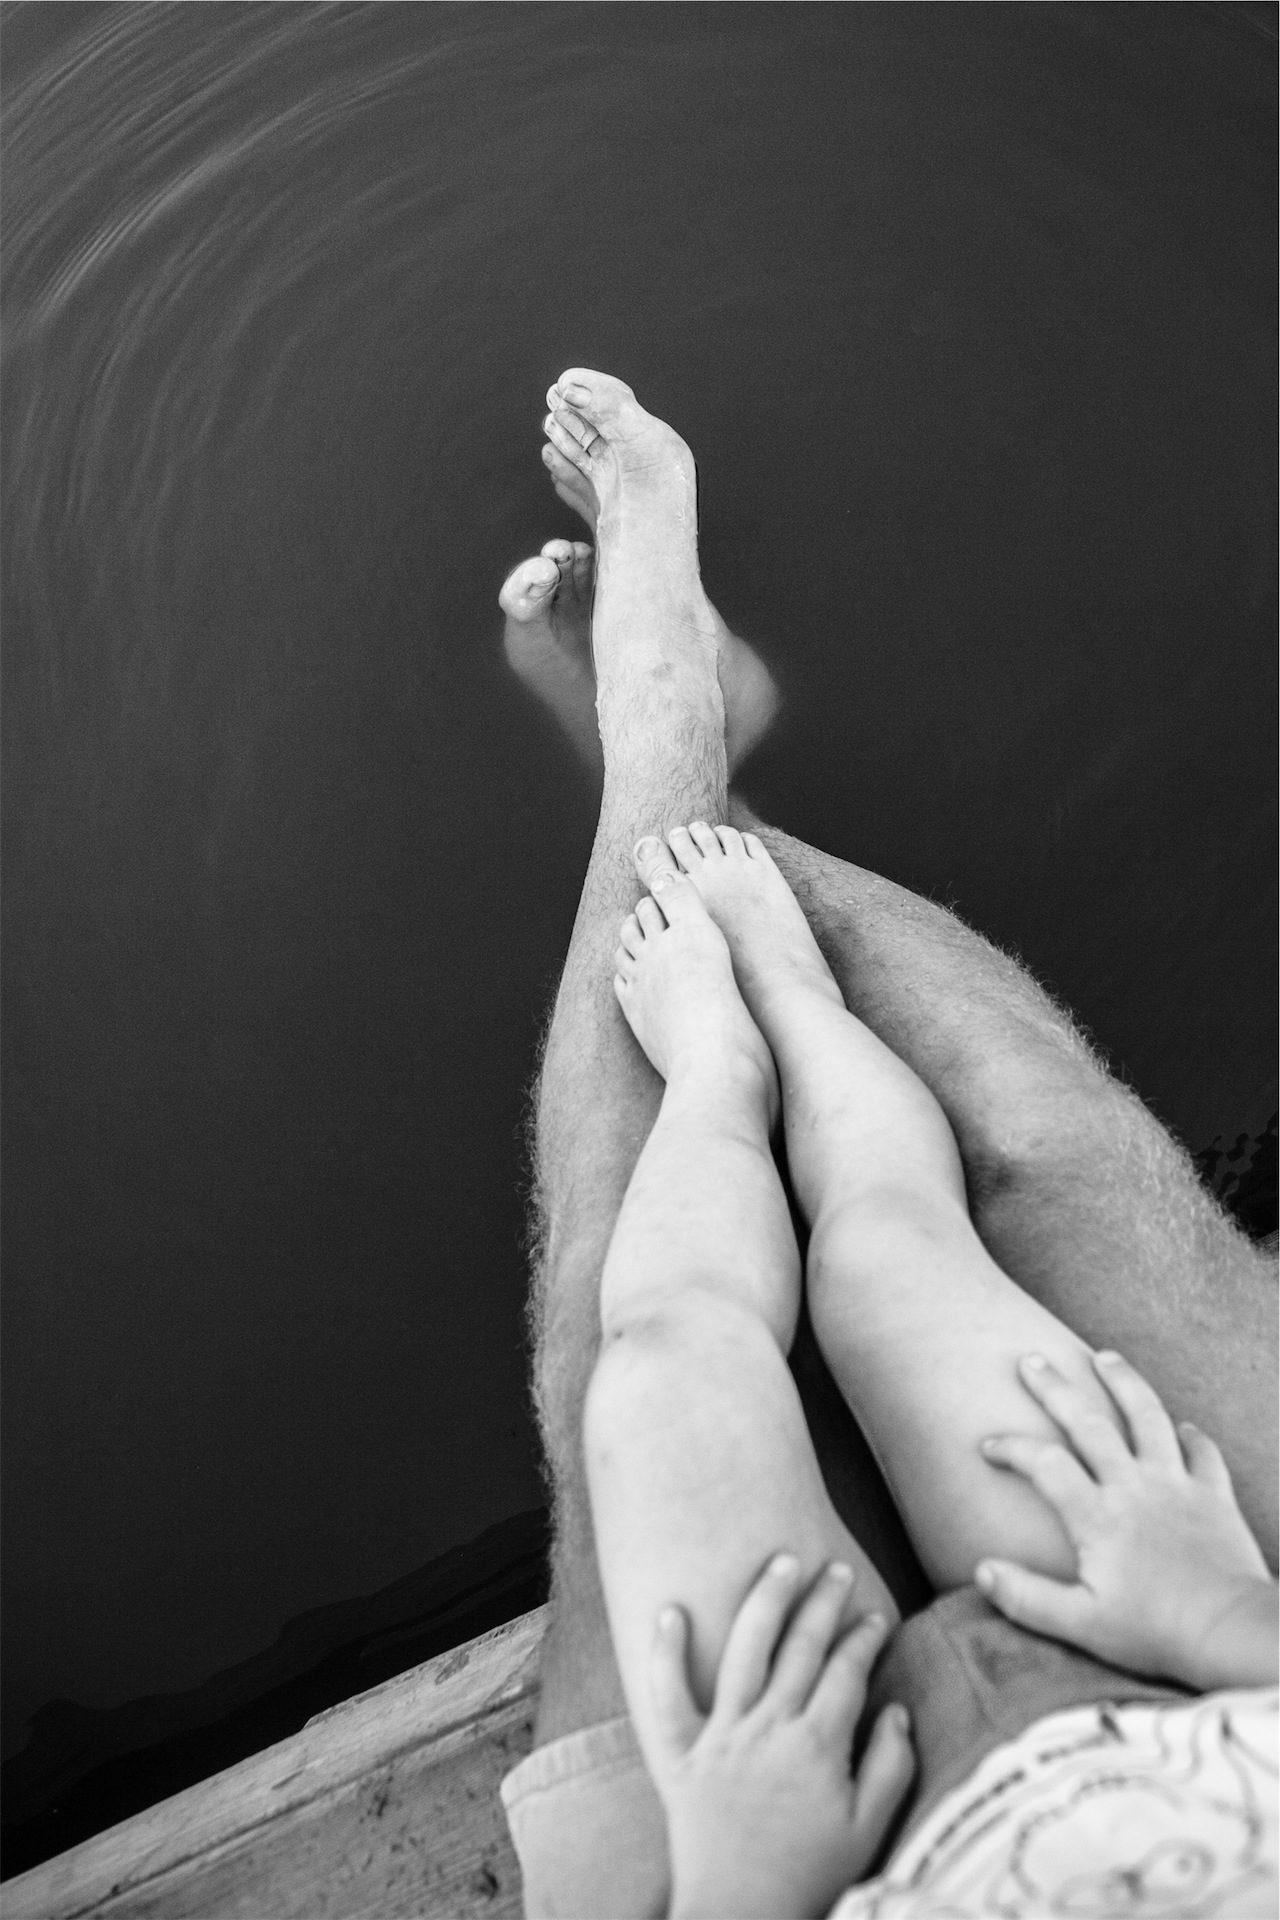 piernas, pies, padre, hijo, en blanco y negro - Fondos de Pantalla HD - professor-falken.com